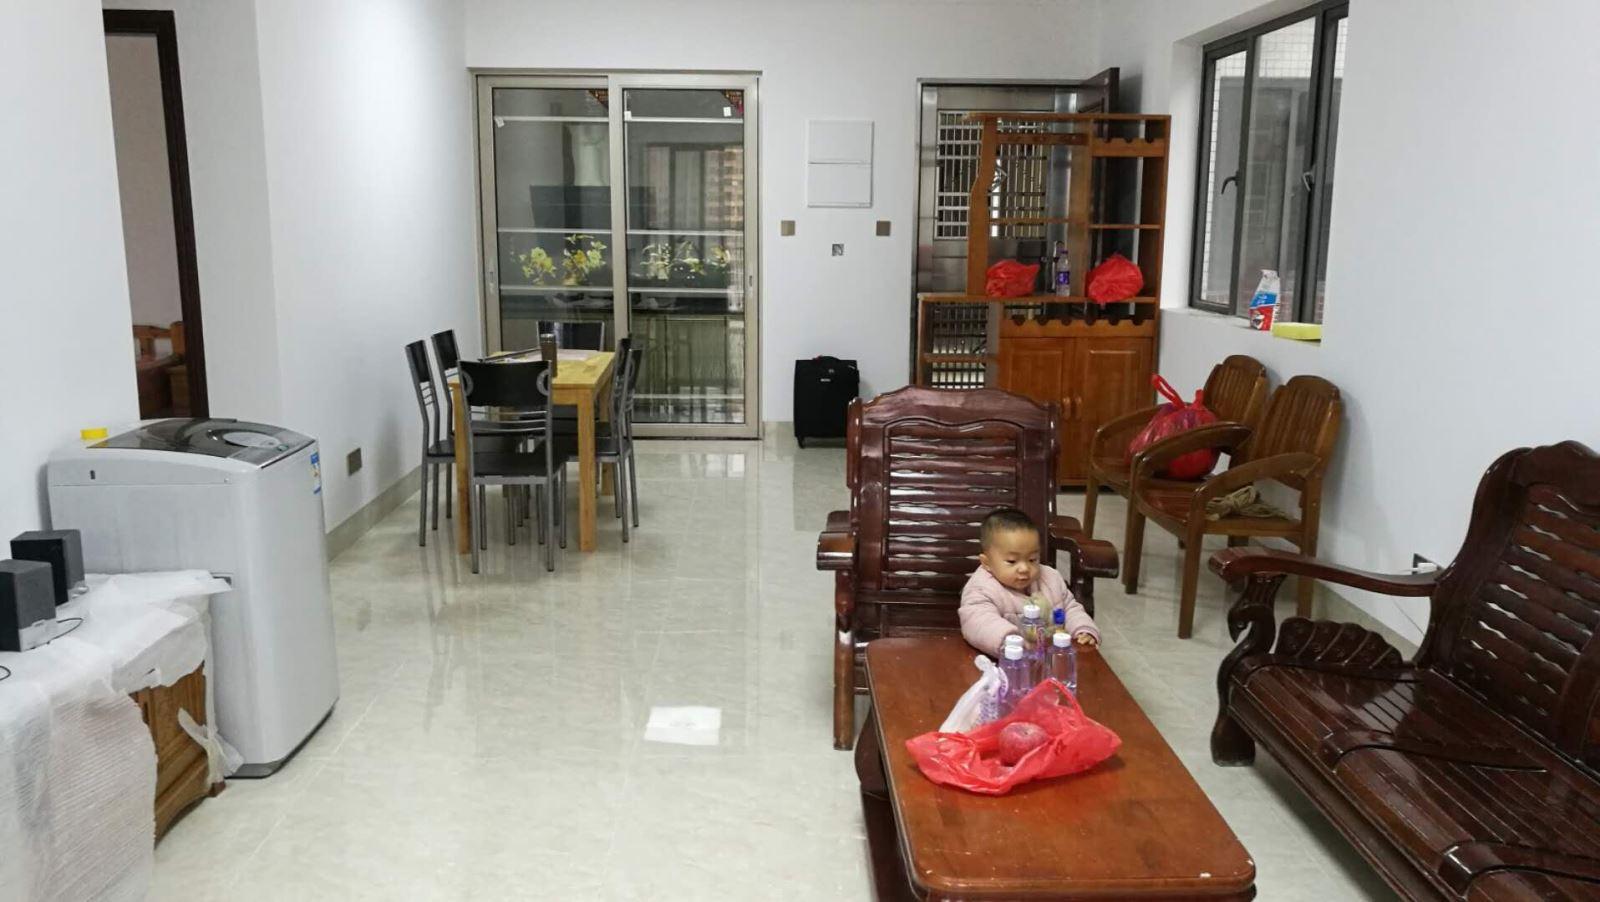 水木清华 2600元 2室2厅1卫 精装修,家具电器齐全